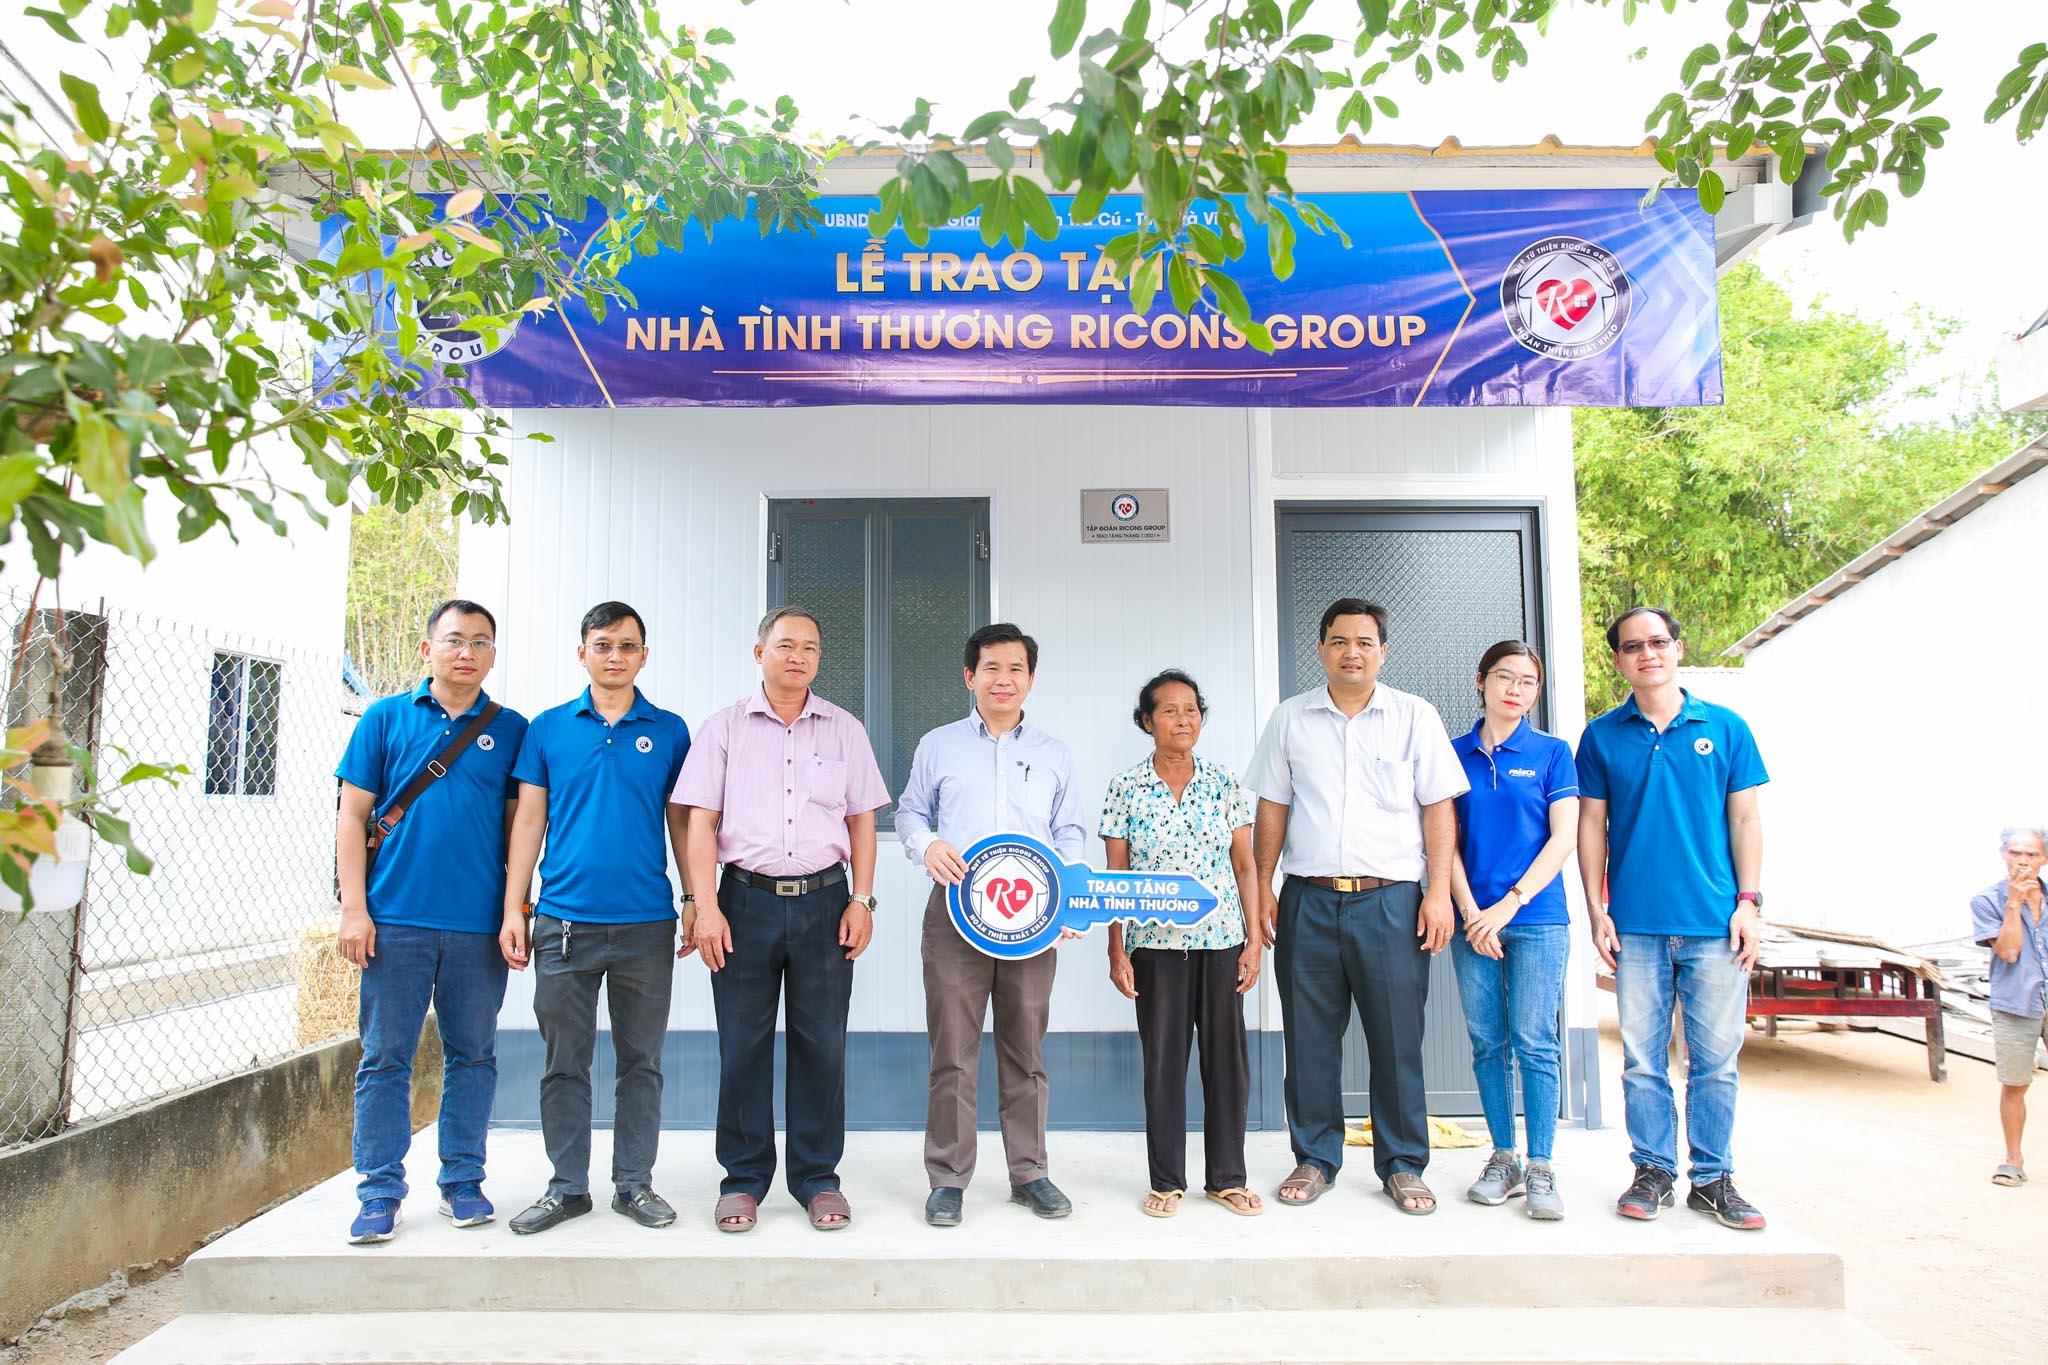 Ricons Group trao tặng nhà tình thương tại tỉnh Bến Tre. Ảnh: Ricons.